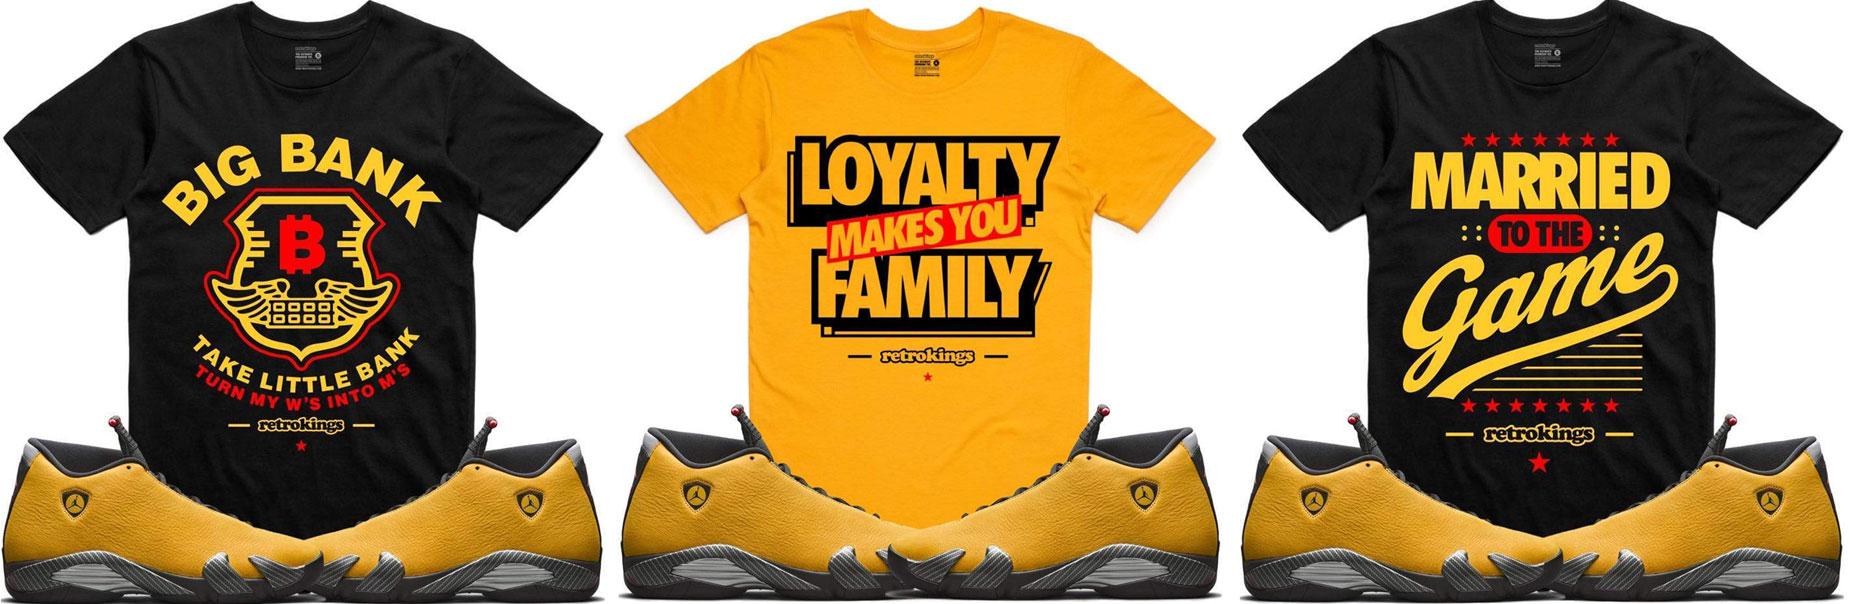 air-jordan-14-yellow-ferrari-sneaker-shirts